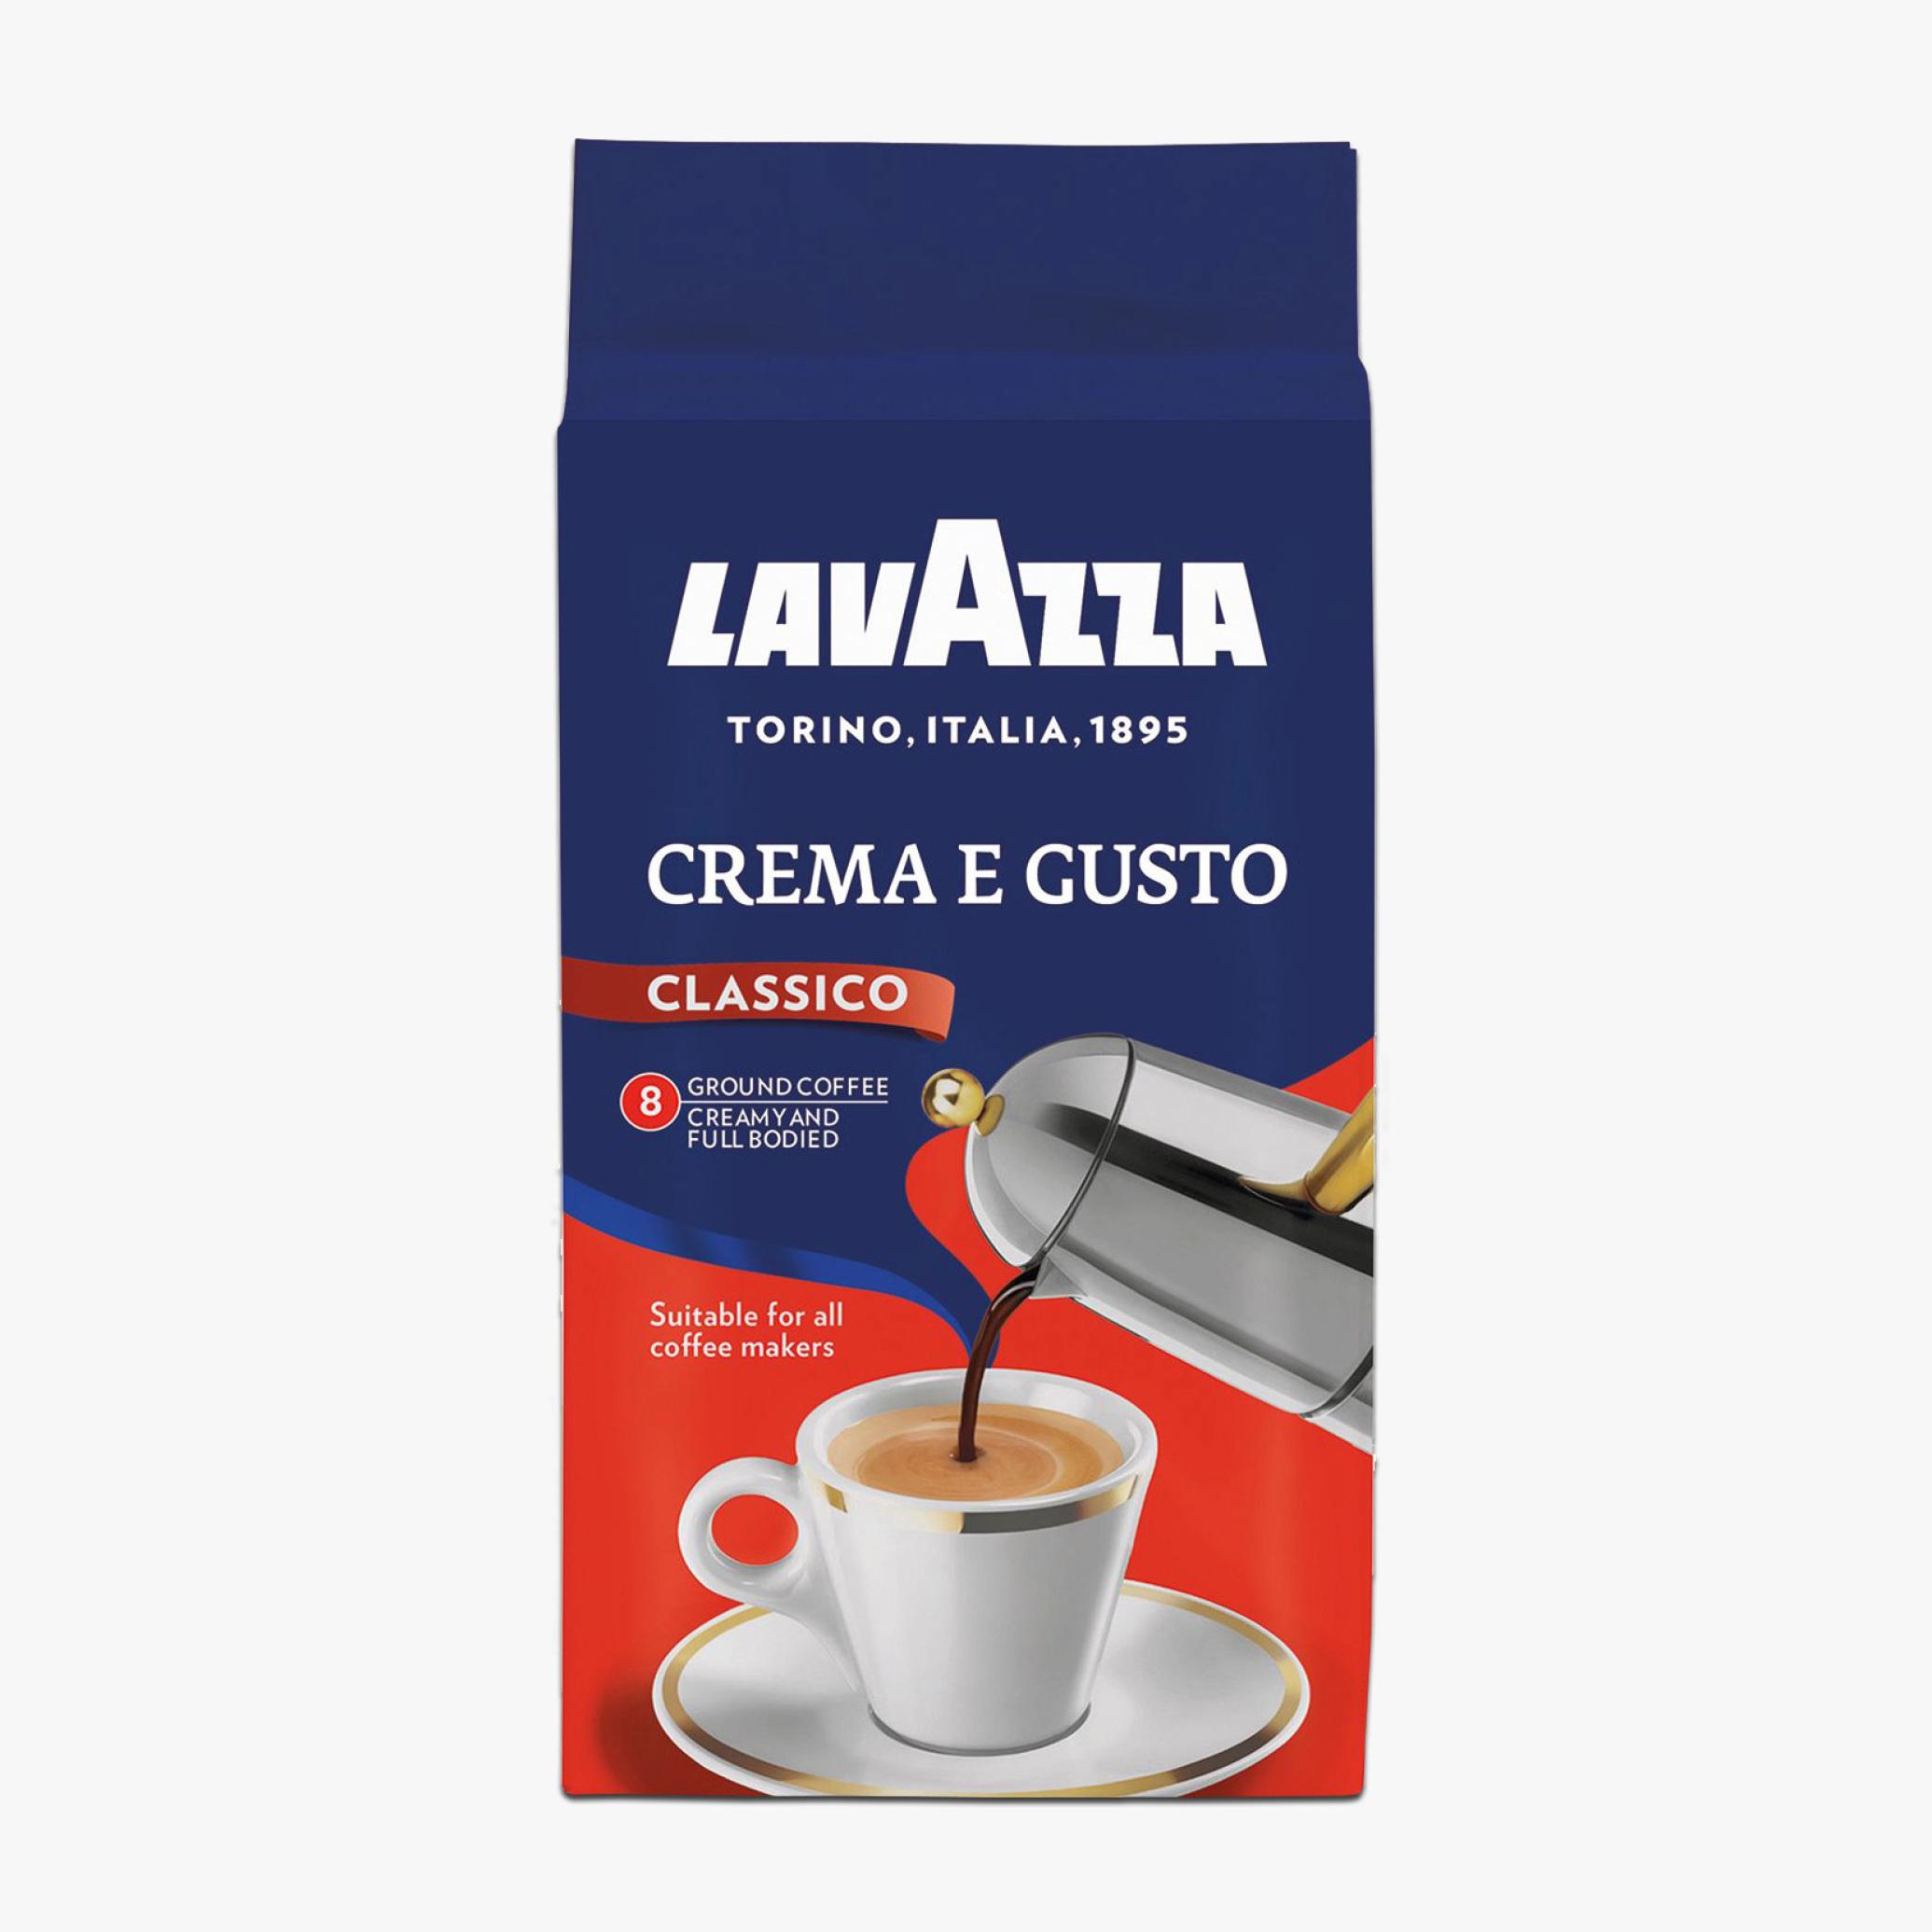 قهوه لاواتزا CREAMA E GUSTO250 گرم خرید اینترنتی از فروشگاه انلاین وجیسنک قهوه دمنوش هات چاکلت